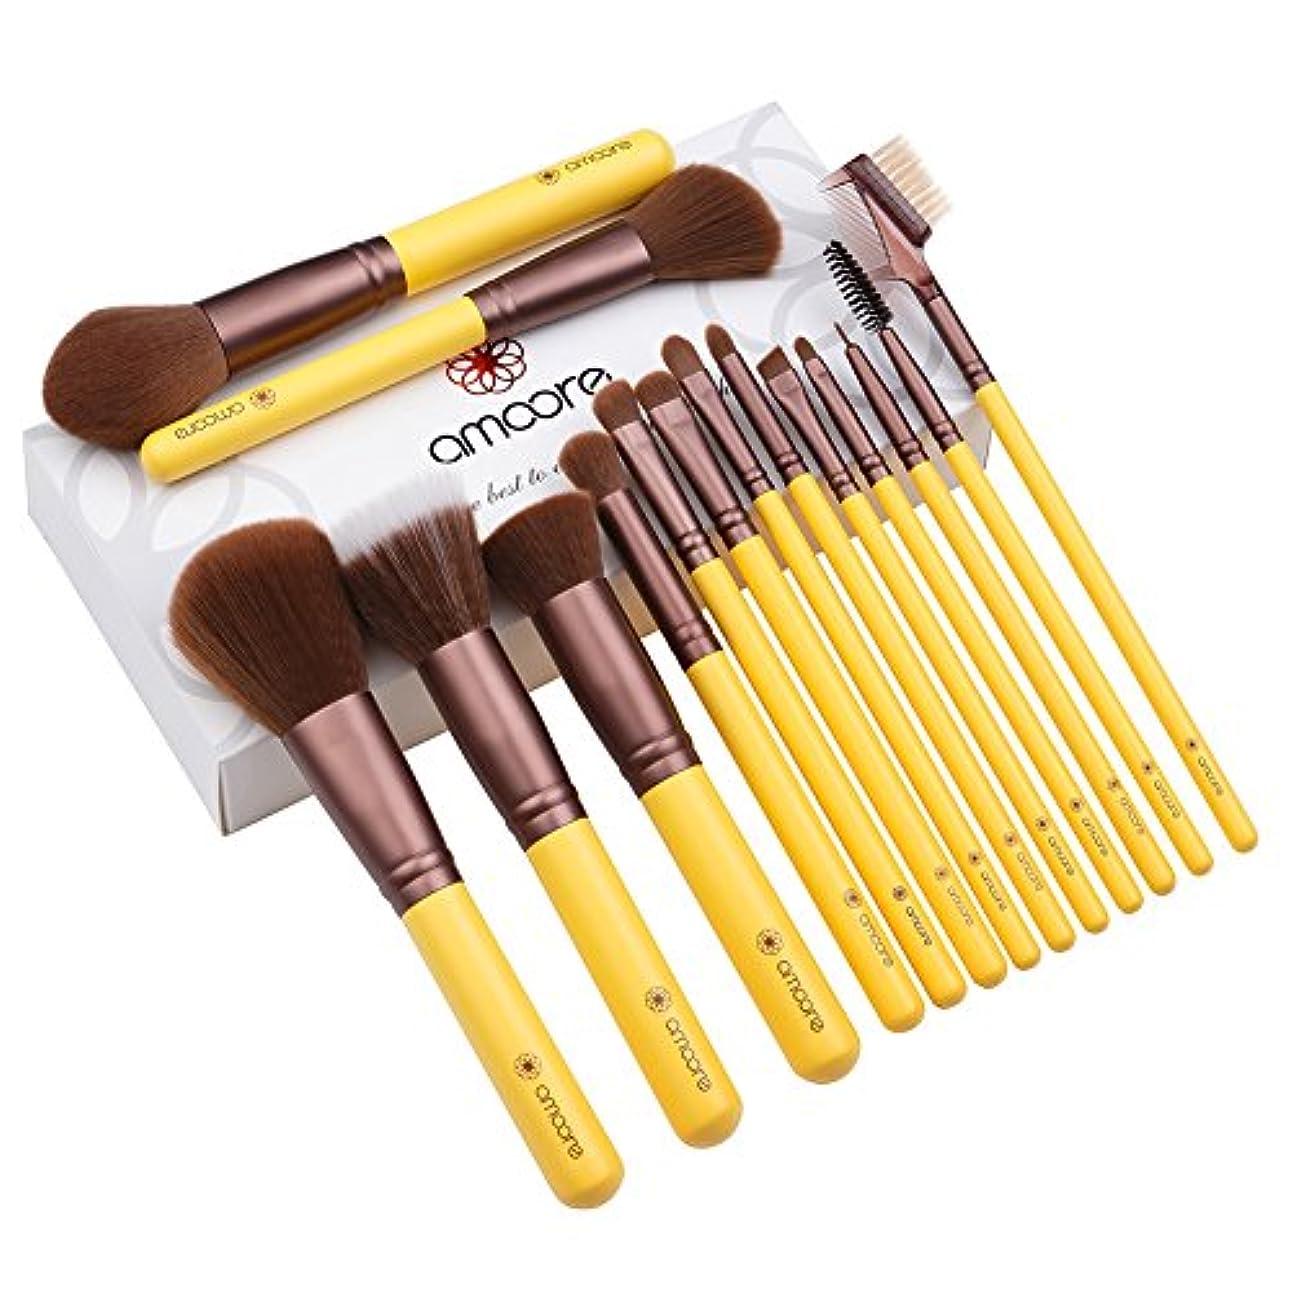 ありがたいパット禁止amoore 15本 化粧筆 メイクブラシセット コスメ ブラシ 化粧ブラシ (15本, イエロー)